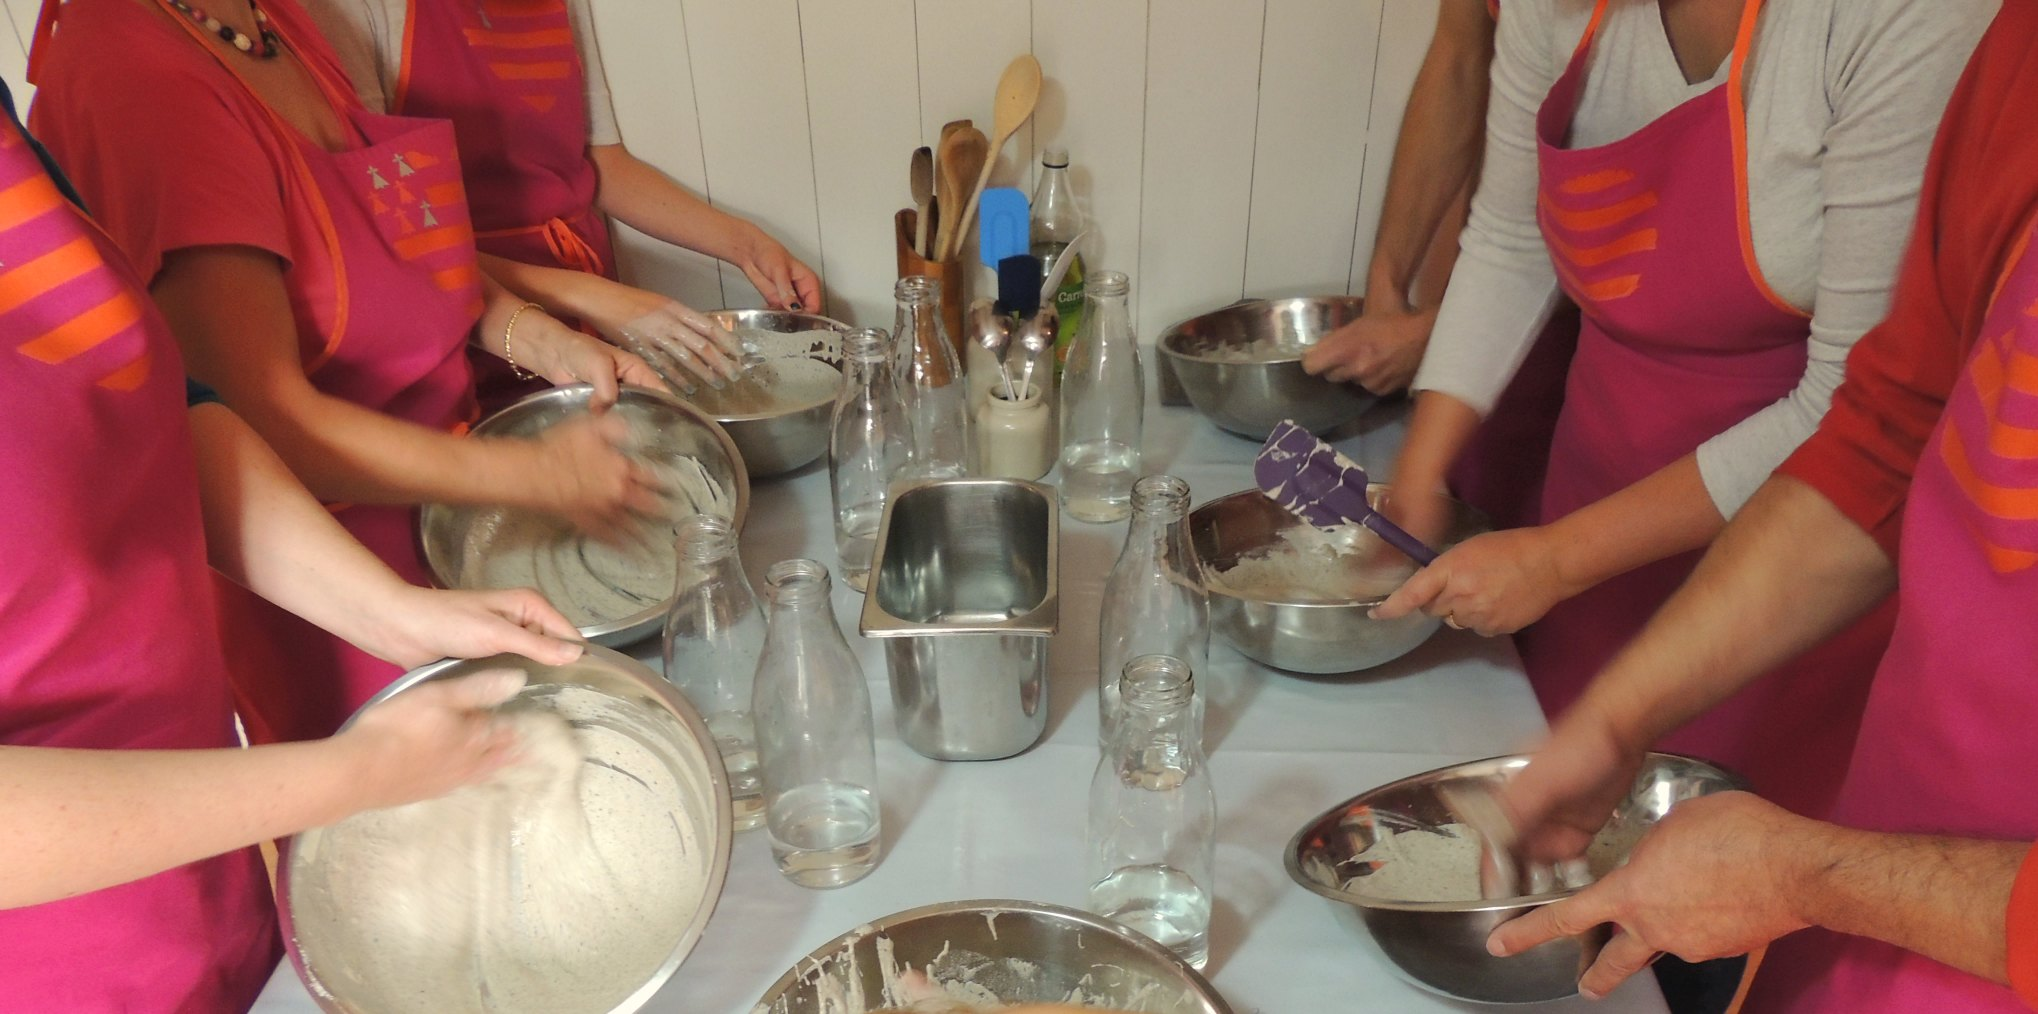 Atelier crêpes - Entreprises -préparer la pâte à crêpes en équipe